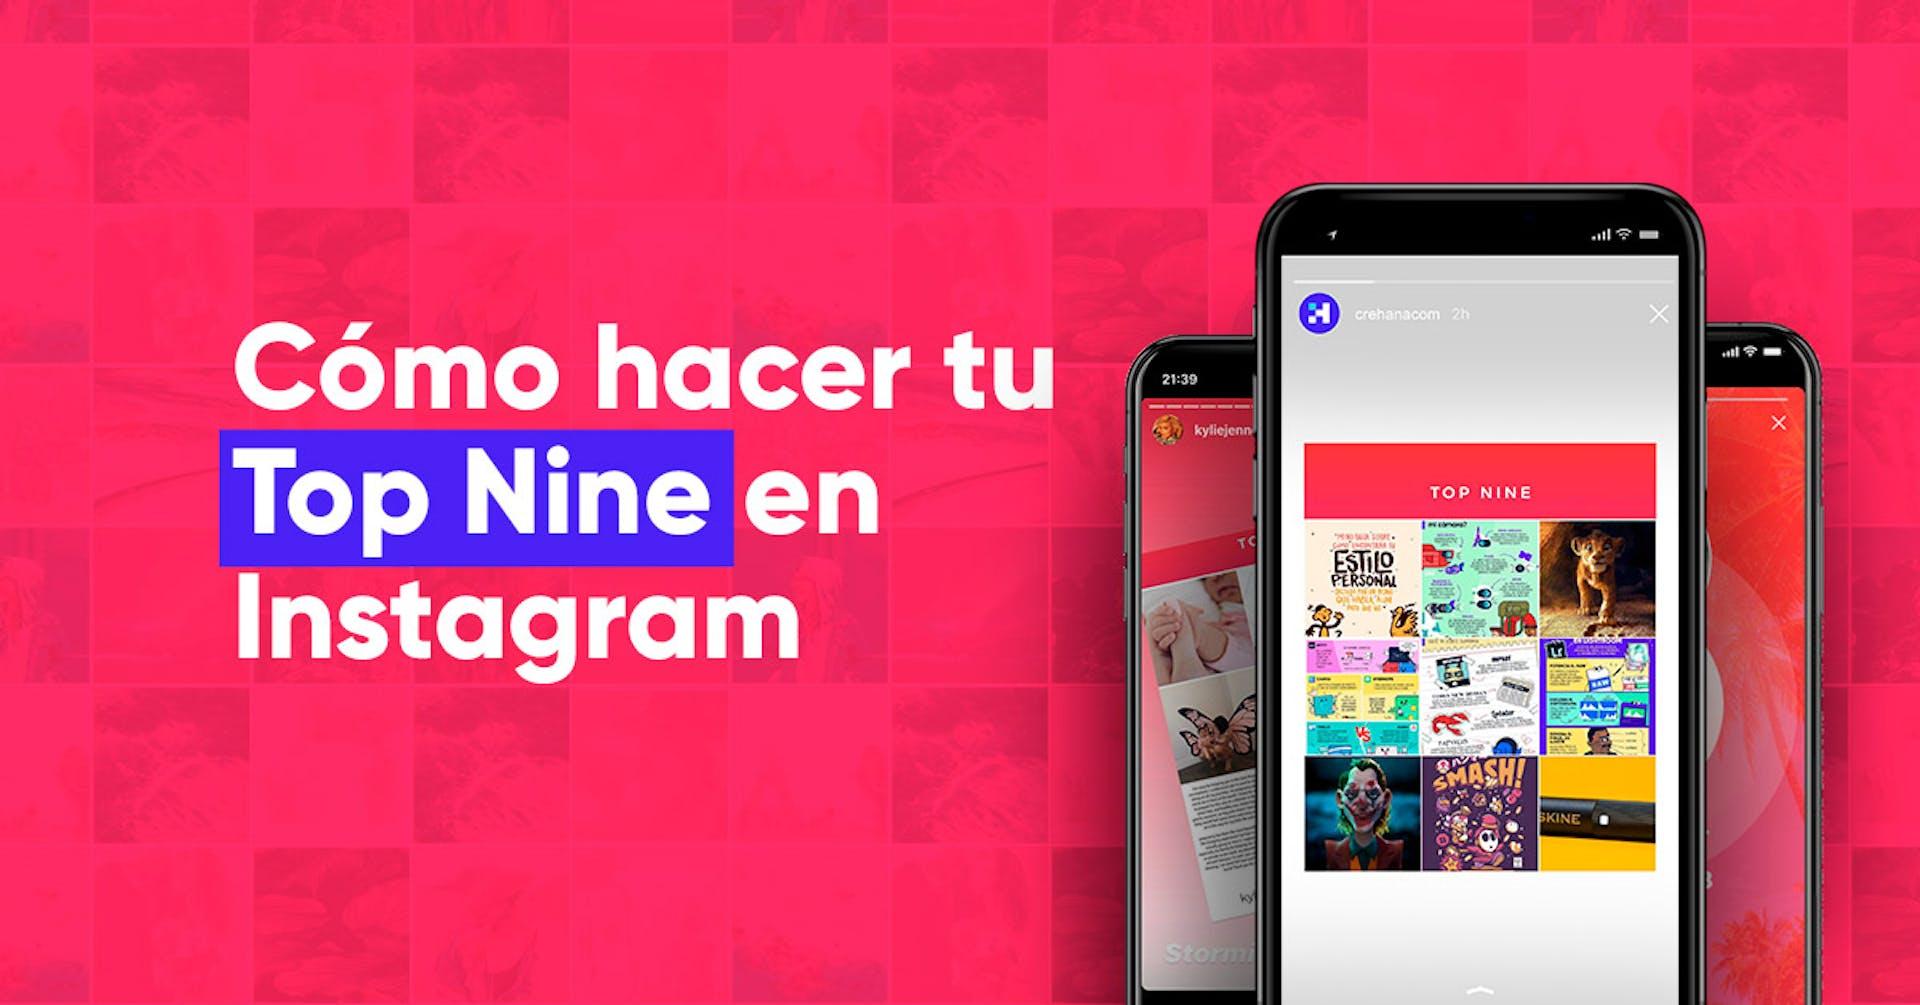 Top Nine: el paso a paso para compartir tus mejores fotos de Instagram